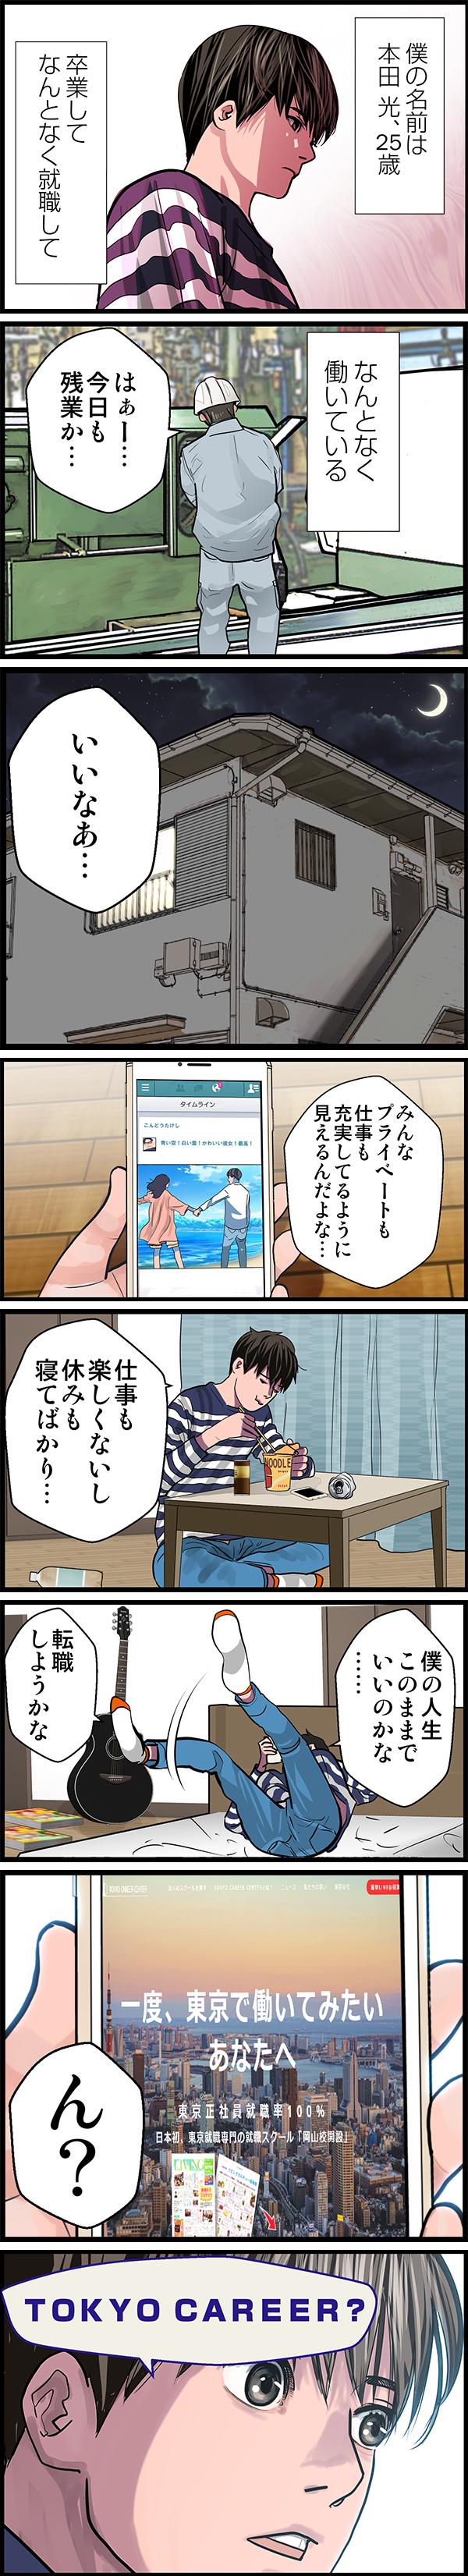 東京キャリアセンター事業の紹介漫画[画像4]